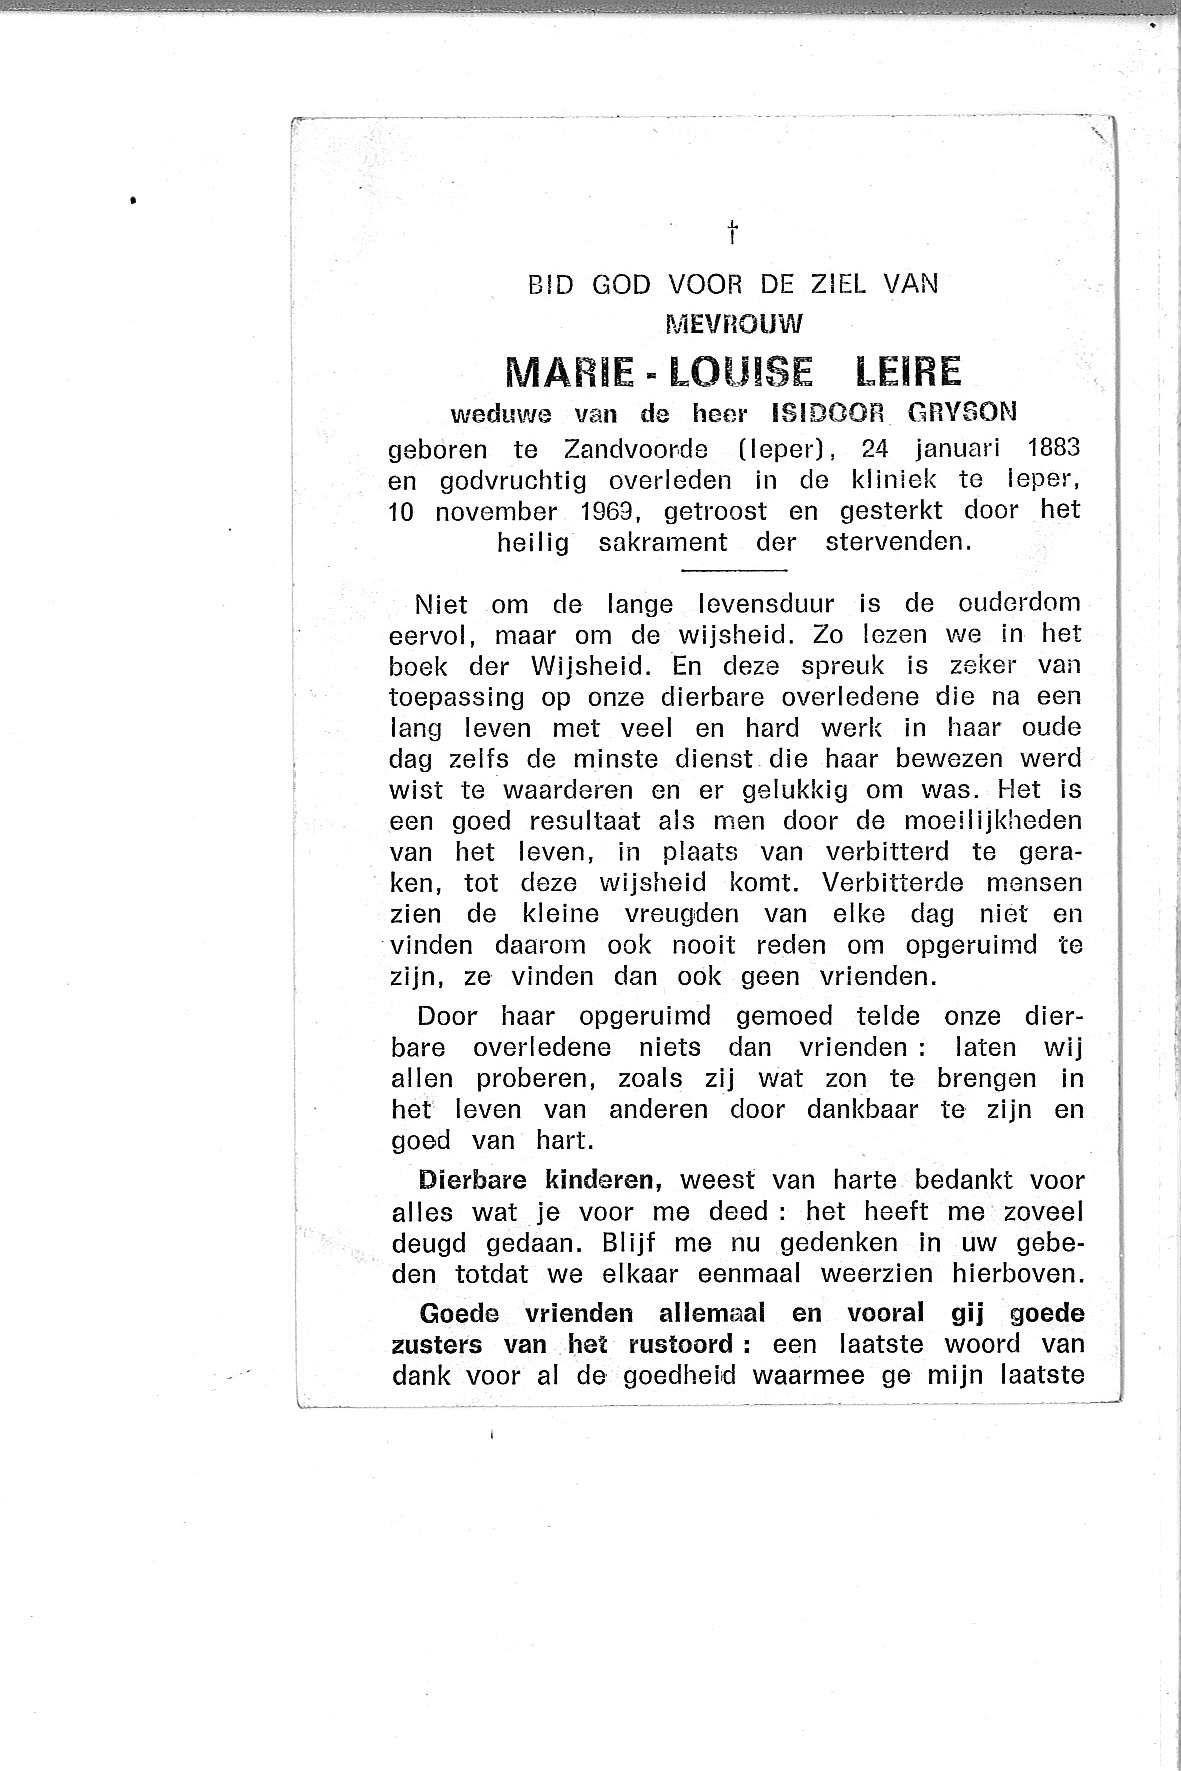 Marie-Louise (1969) 20120606143211_00041.jpg